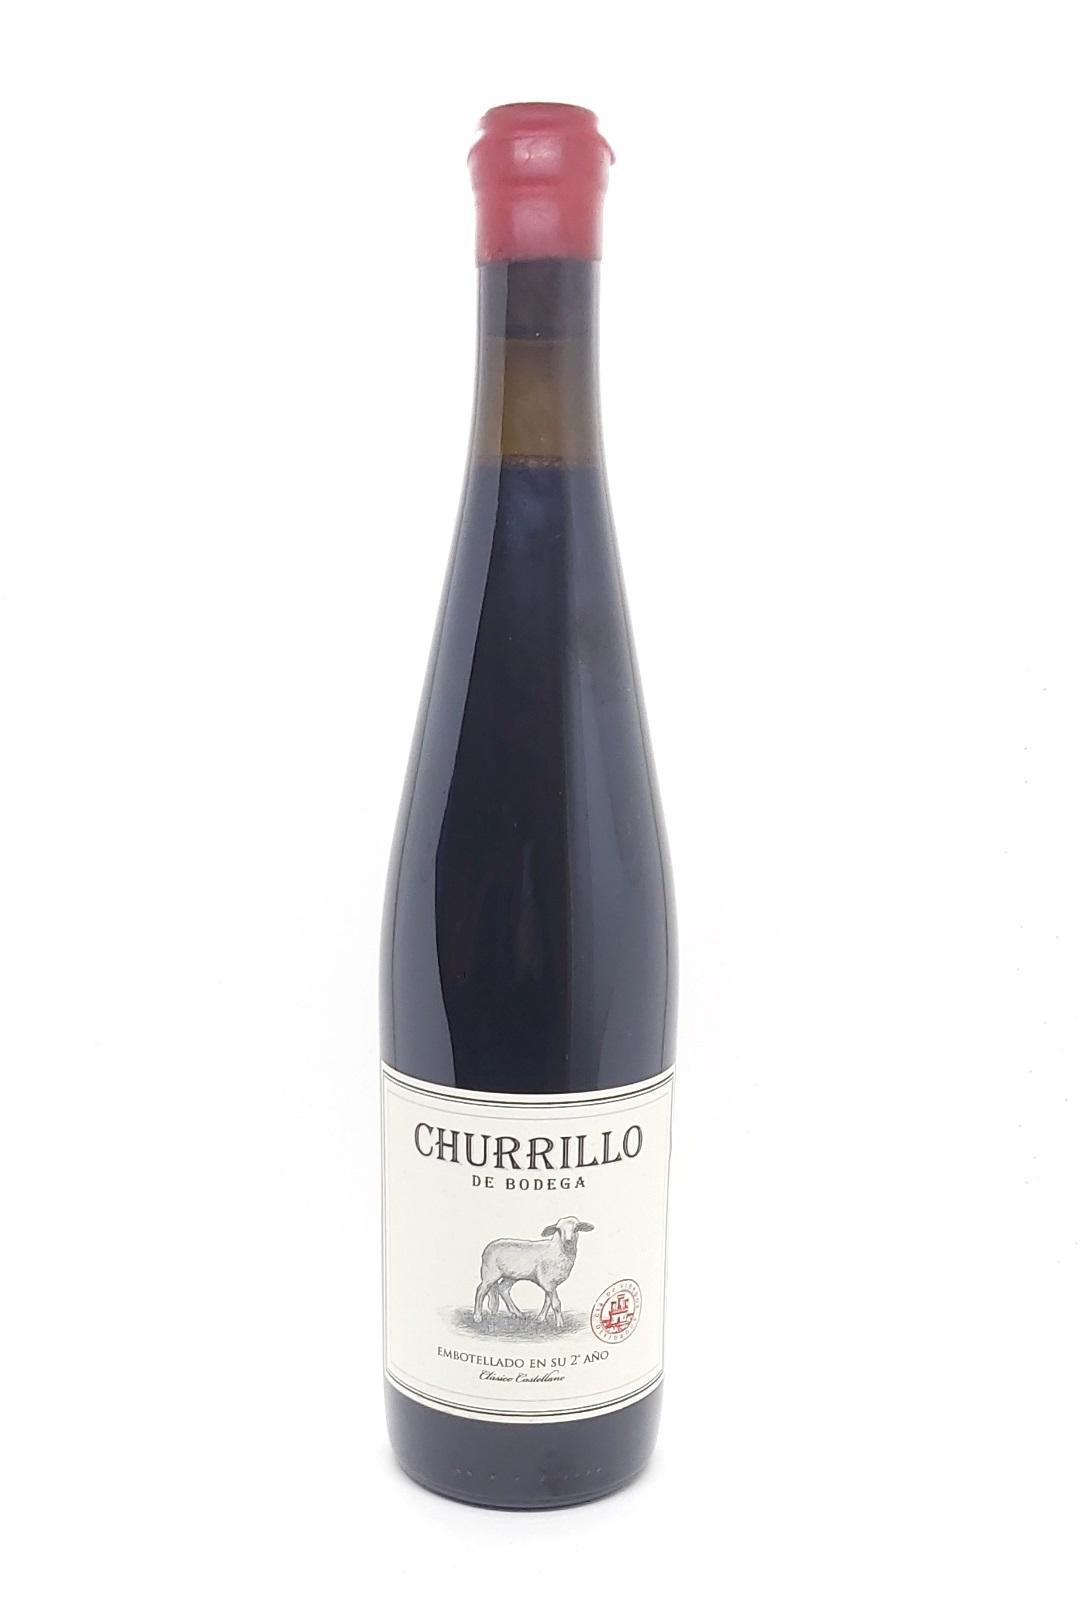 Churrillo de Bodega 2016. Vino sin D.O. Castilla León. Sibaritastur